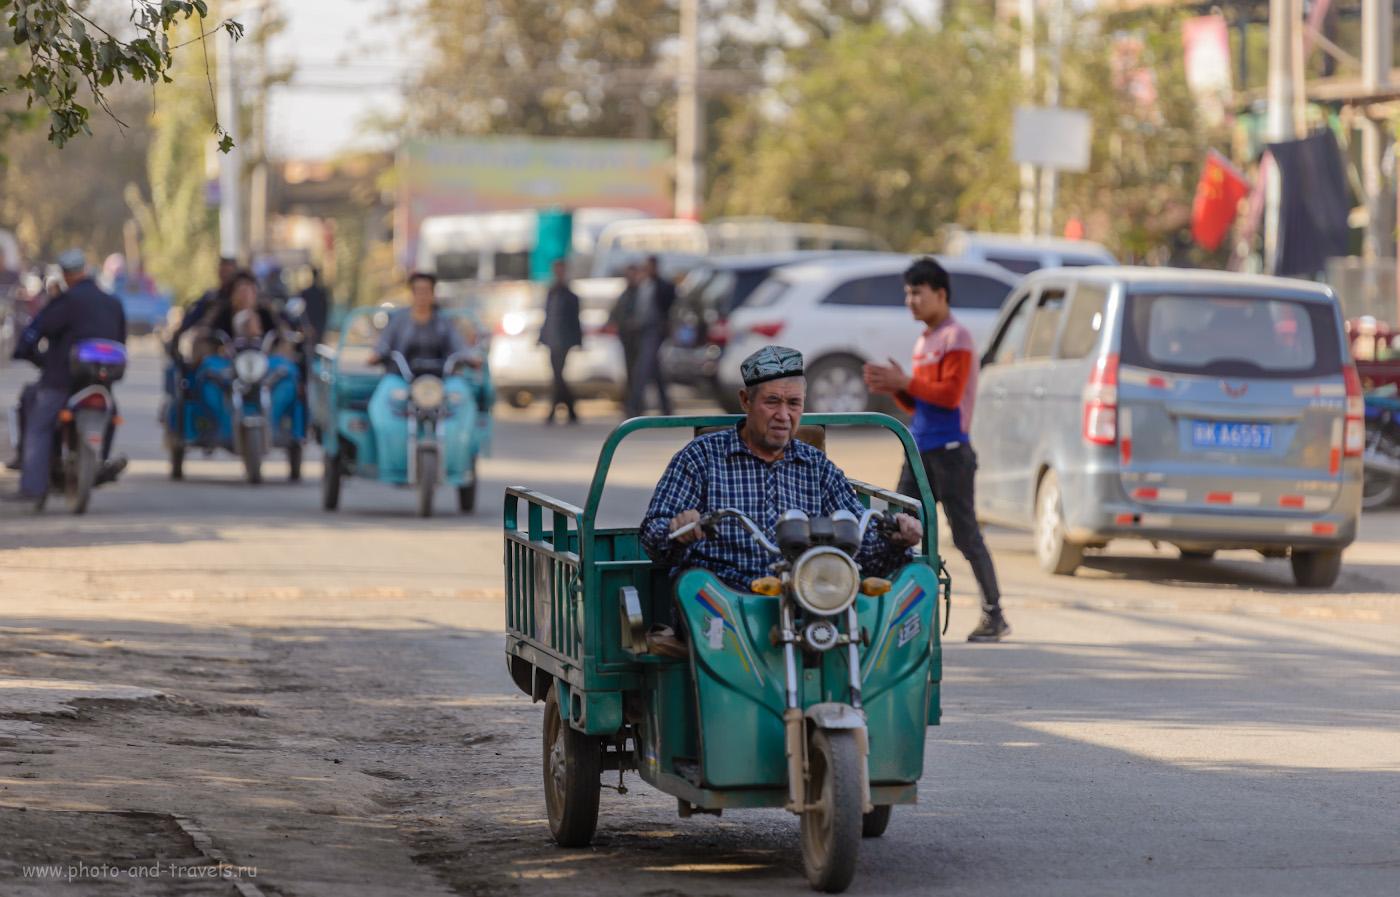 Фото 28. Трехколесные мотоблоки – самый распространенный вид транспорта в городах СУАР. Хотя в отчетах туристов можно увидеть и повозки, запряженные ослами или мулами. 1/400, 2.8, 160, 195.